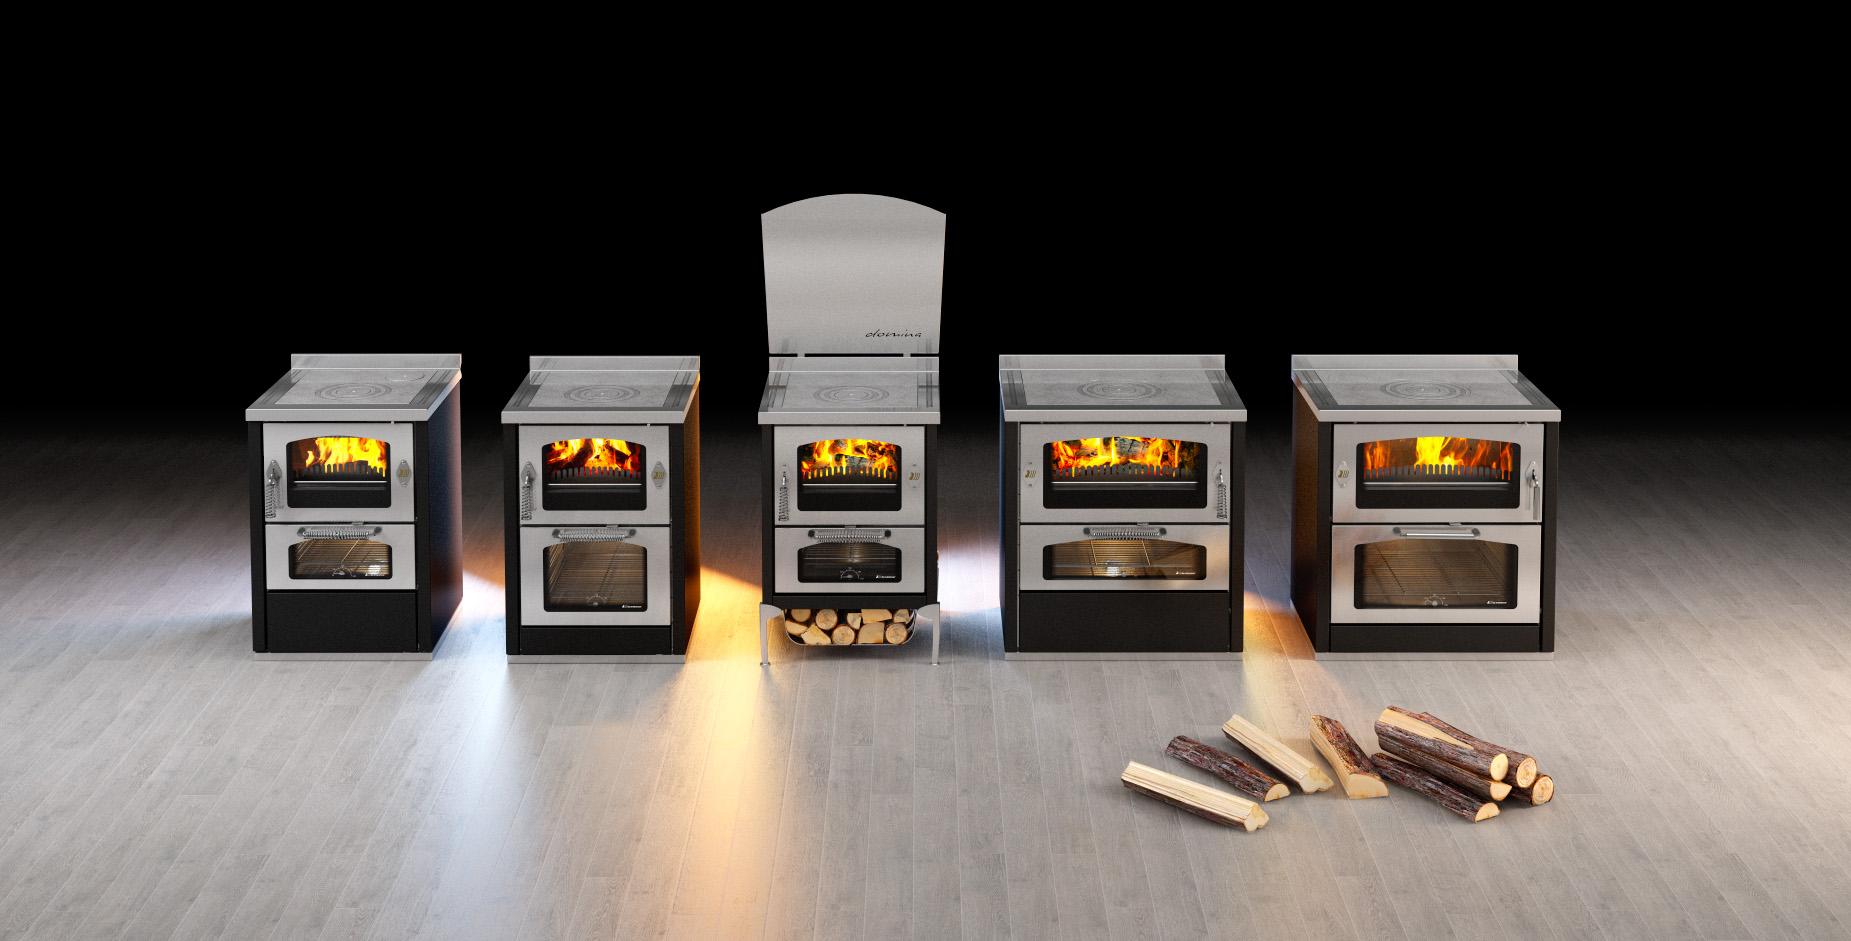 Stunning prezzi cucine economiche a legna images - Termostufe a pellet e legna combinate prezzi ...